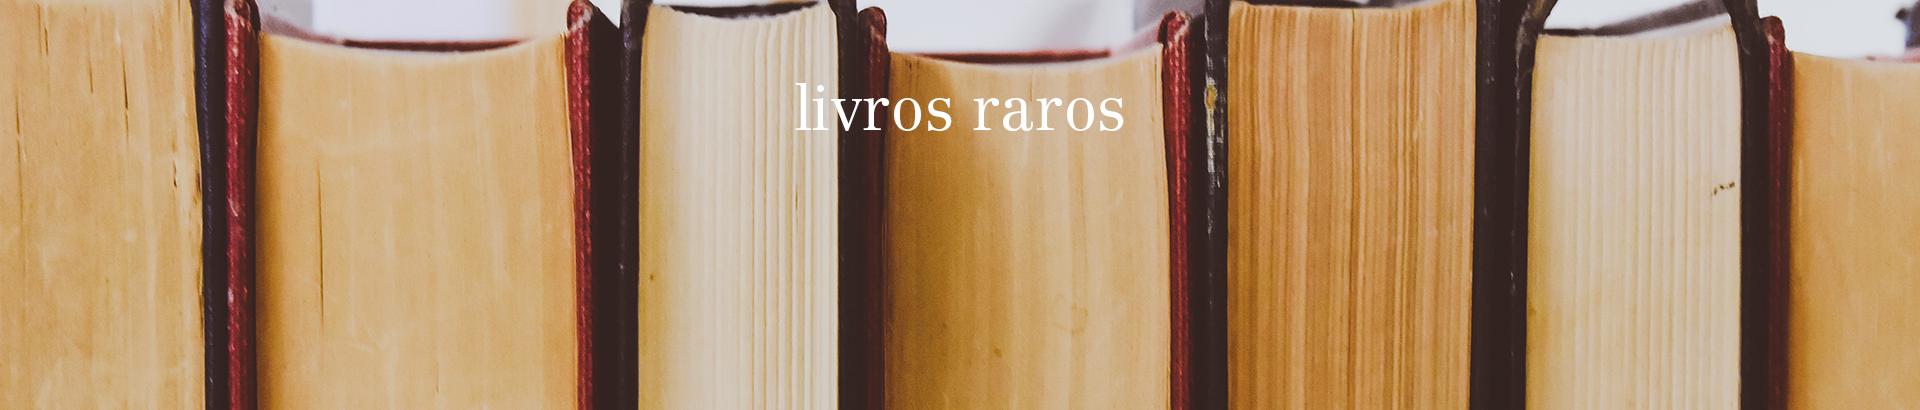 Livros raros